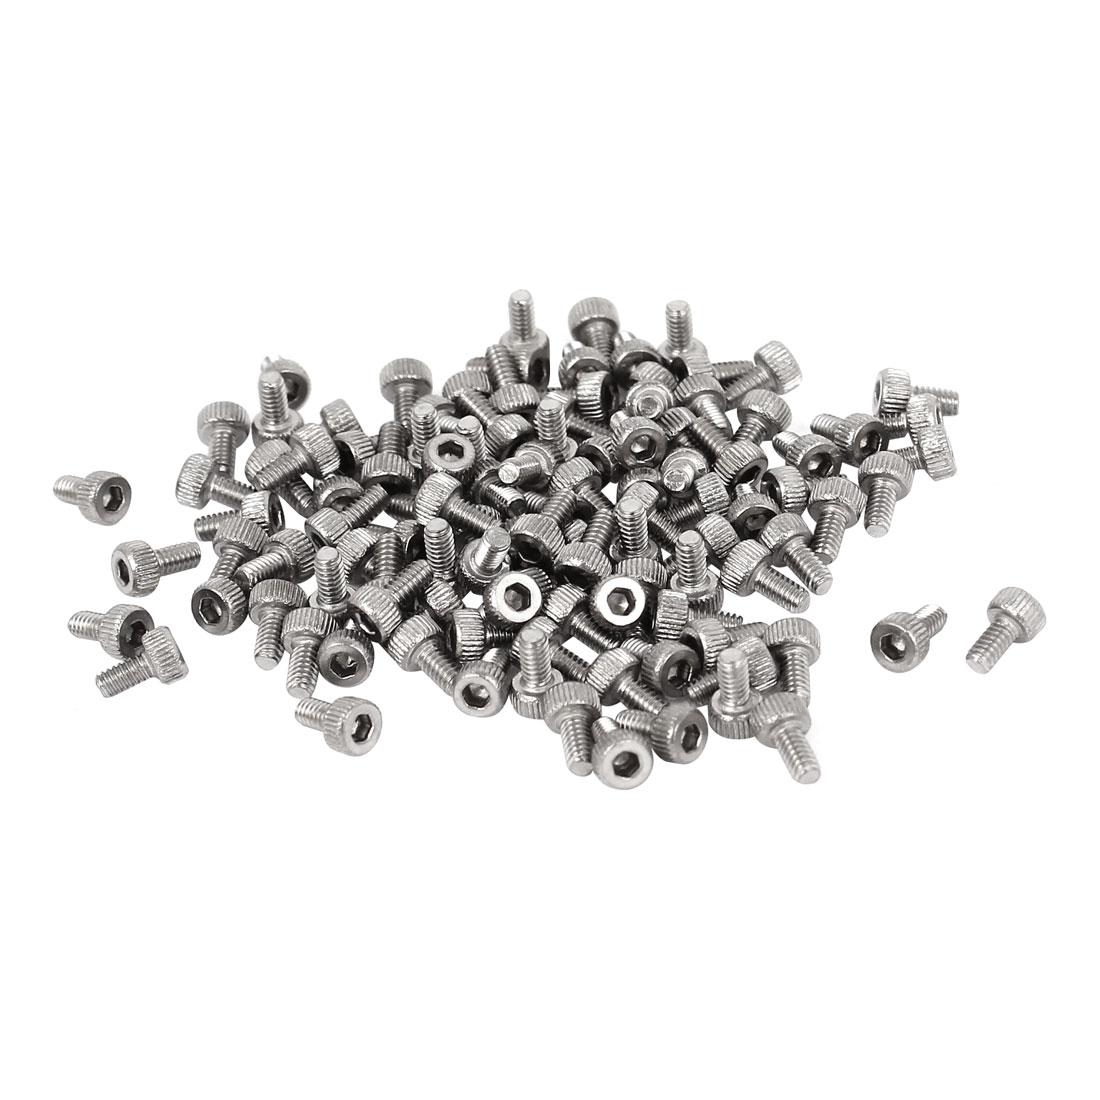 M2x4mm Thread Stainless Steel Hex Key Socket Head Knurl Cap Screws Bolts 100pcs